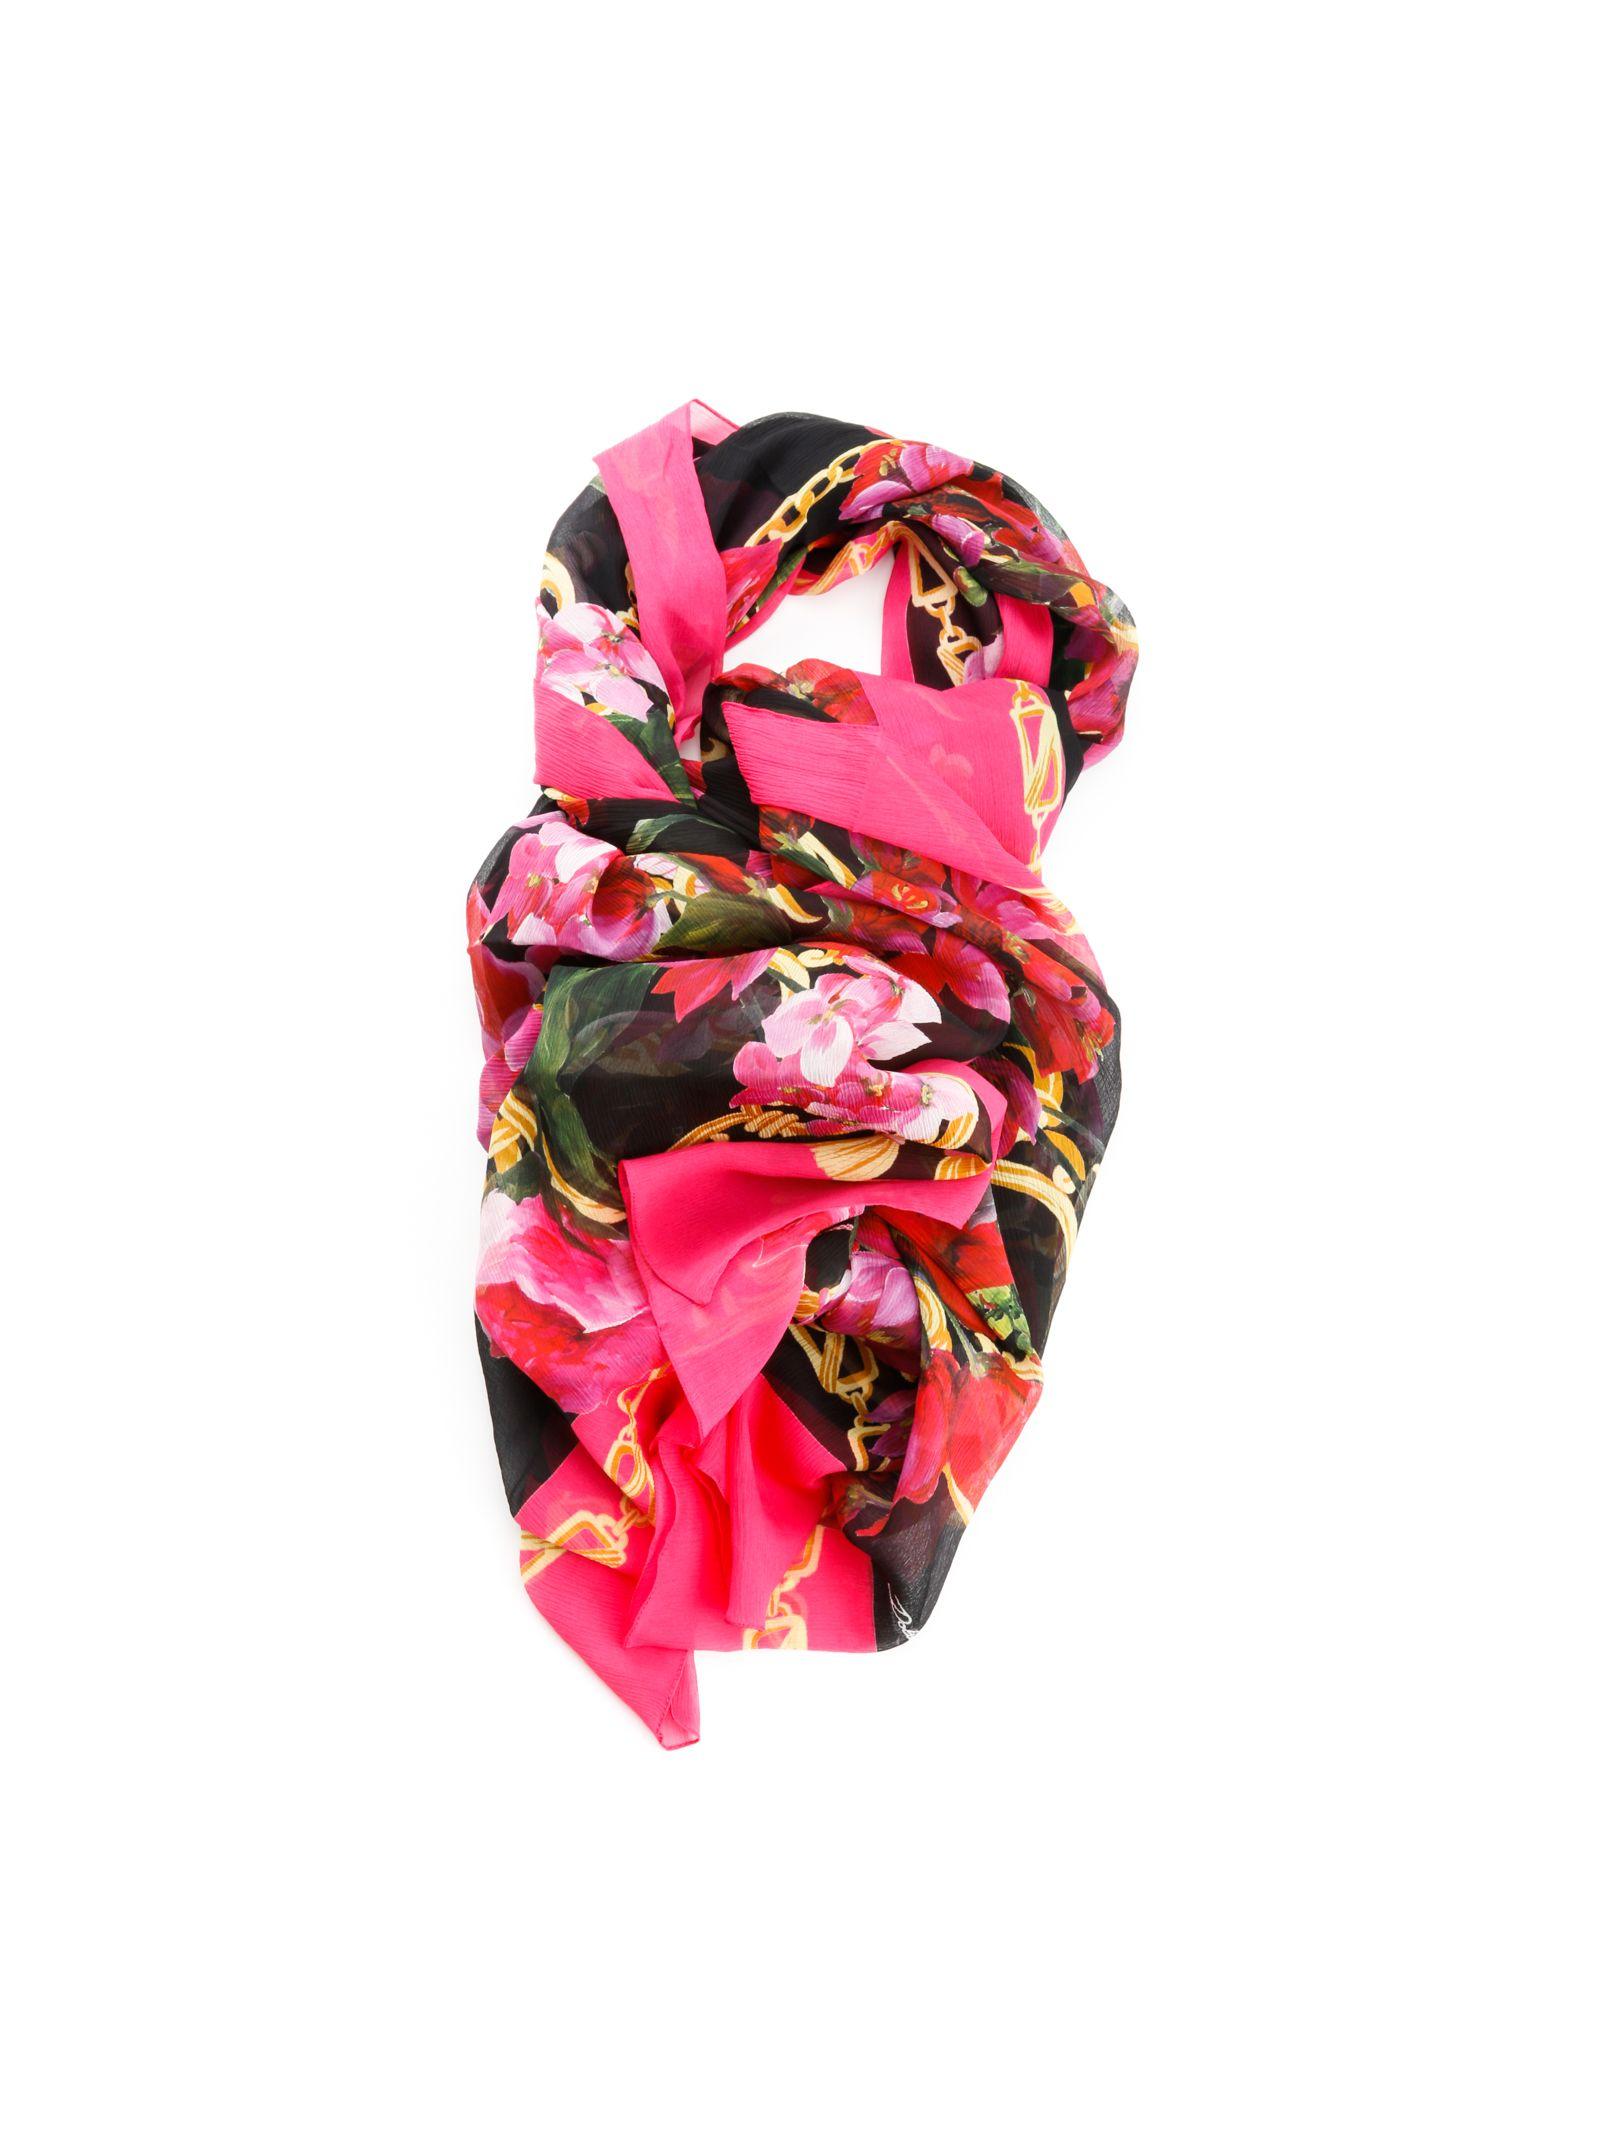 Eșarfă de damă DOLCE & GABBANA, fashion, cu imprimeu floral